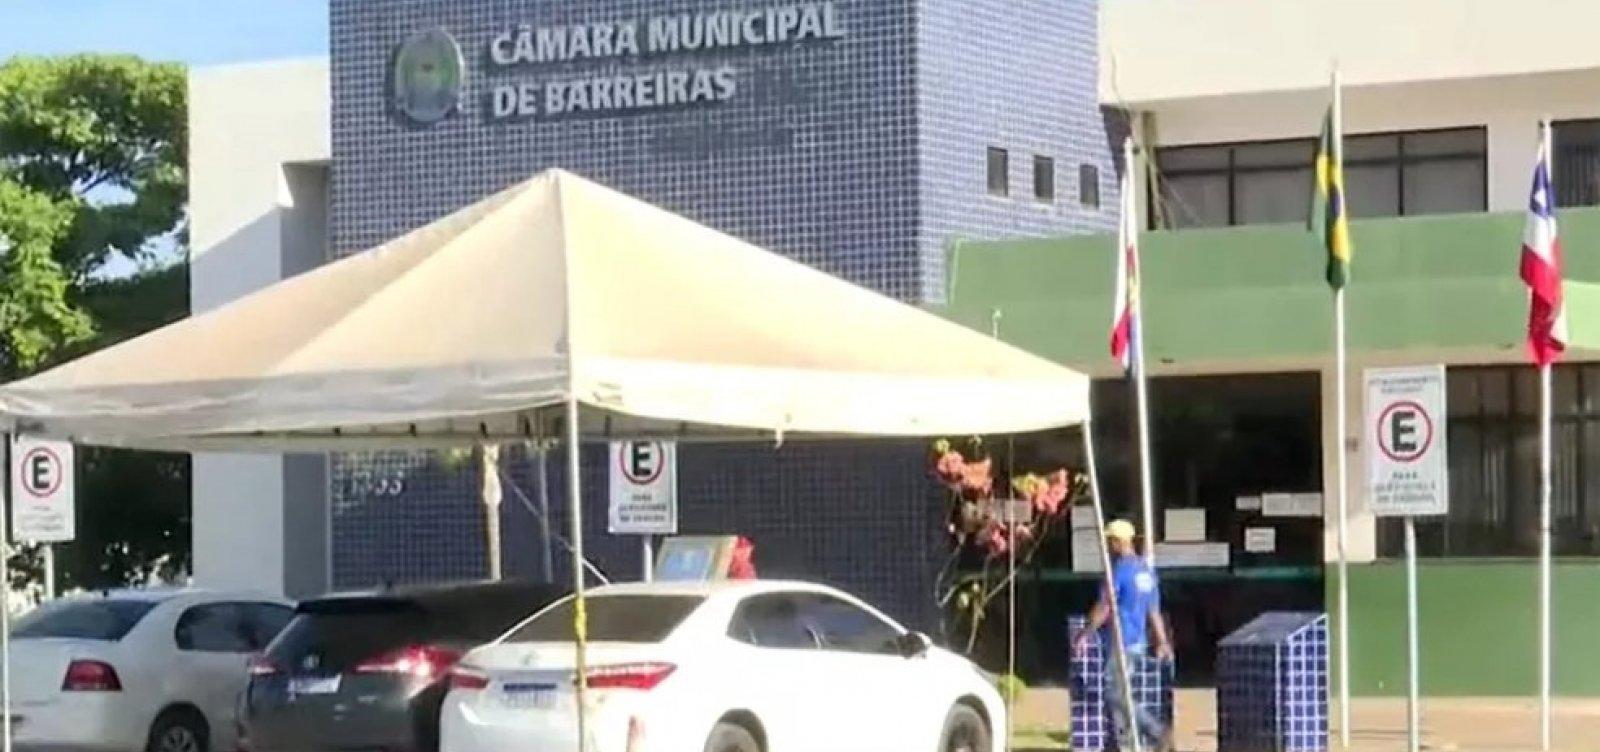 Câmara de Barreiras suspende sessões presenciais devido a aumento de casos de Covid-19